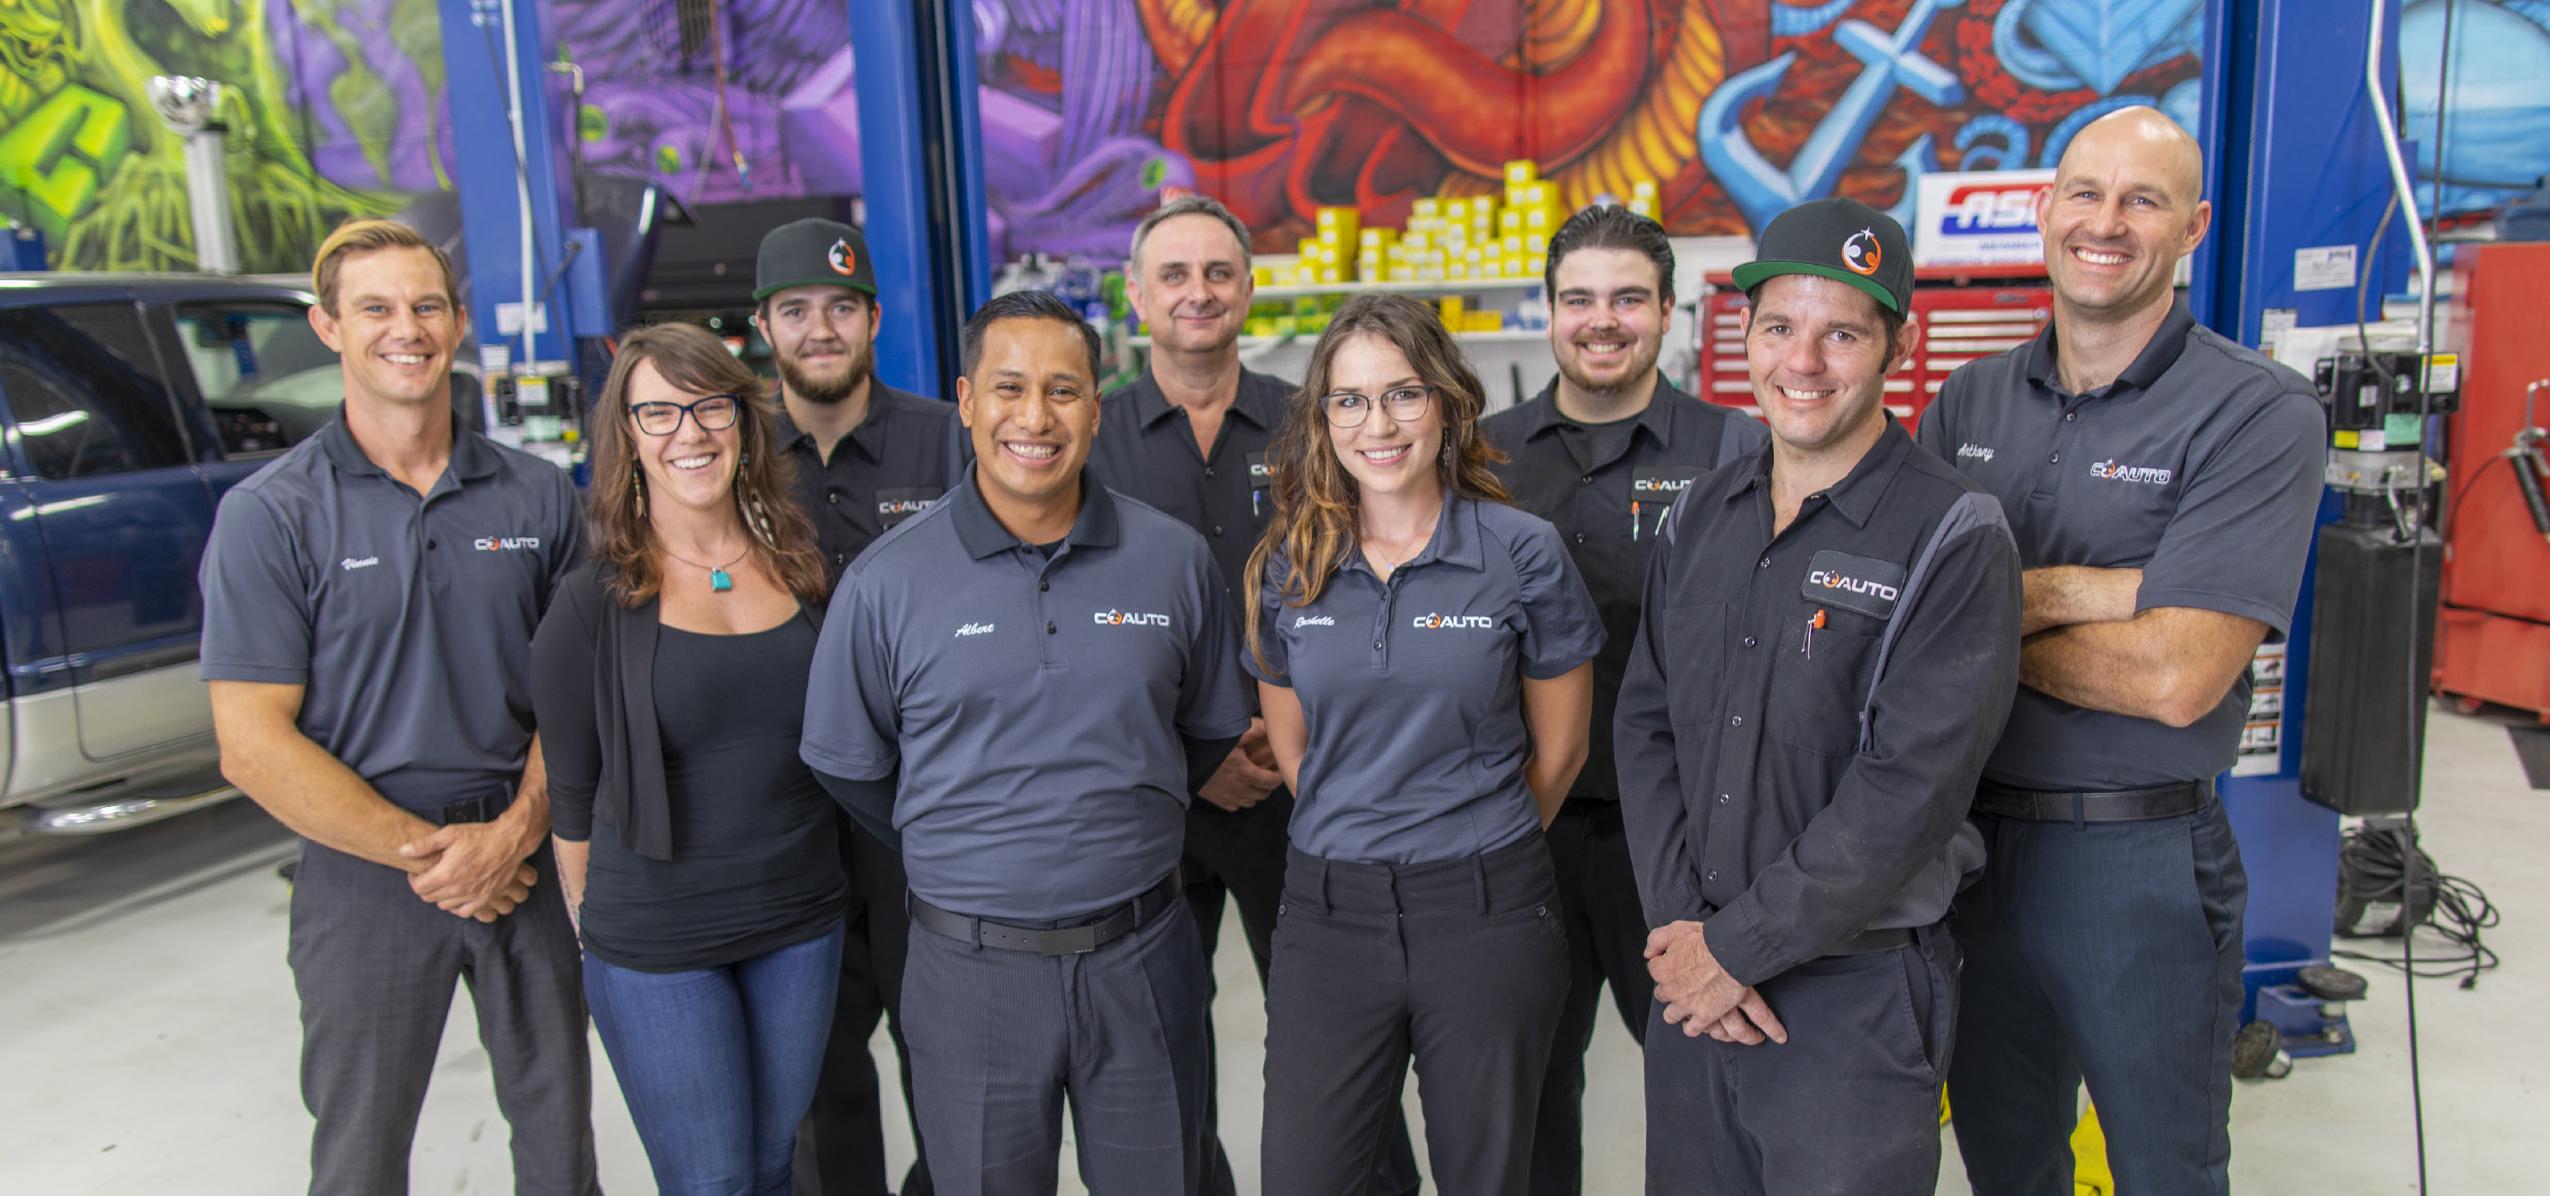 CoAuto's team of professionals